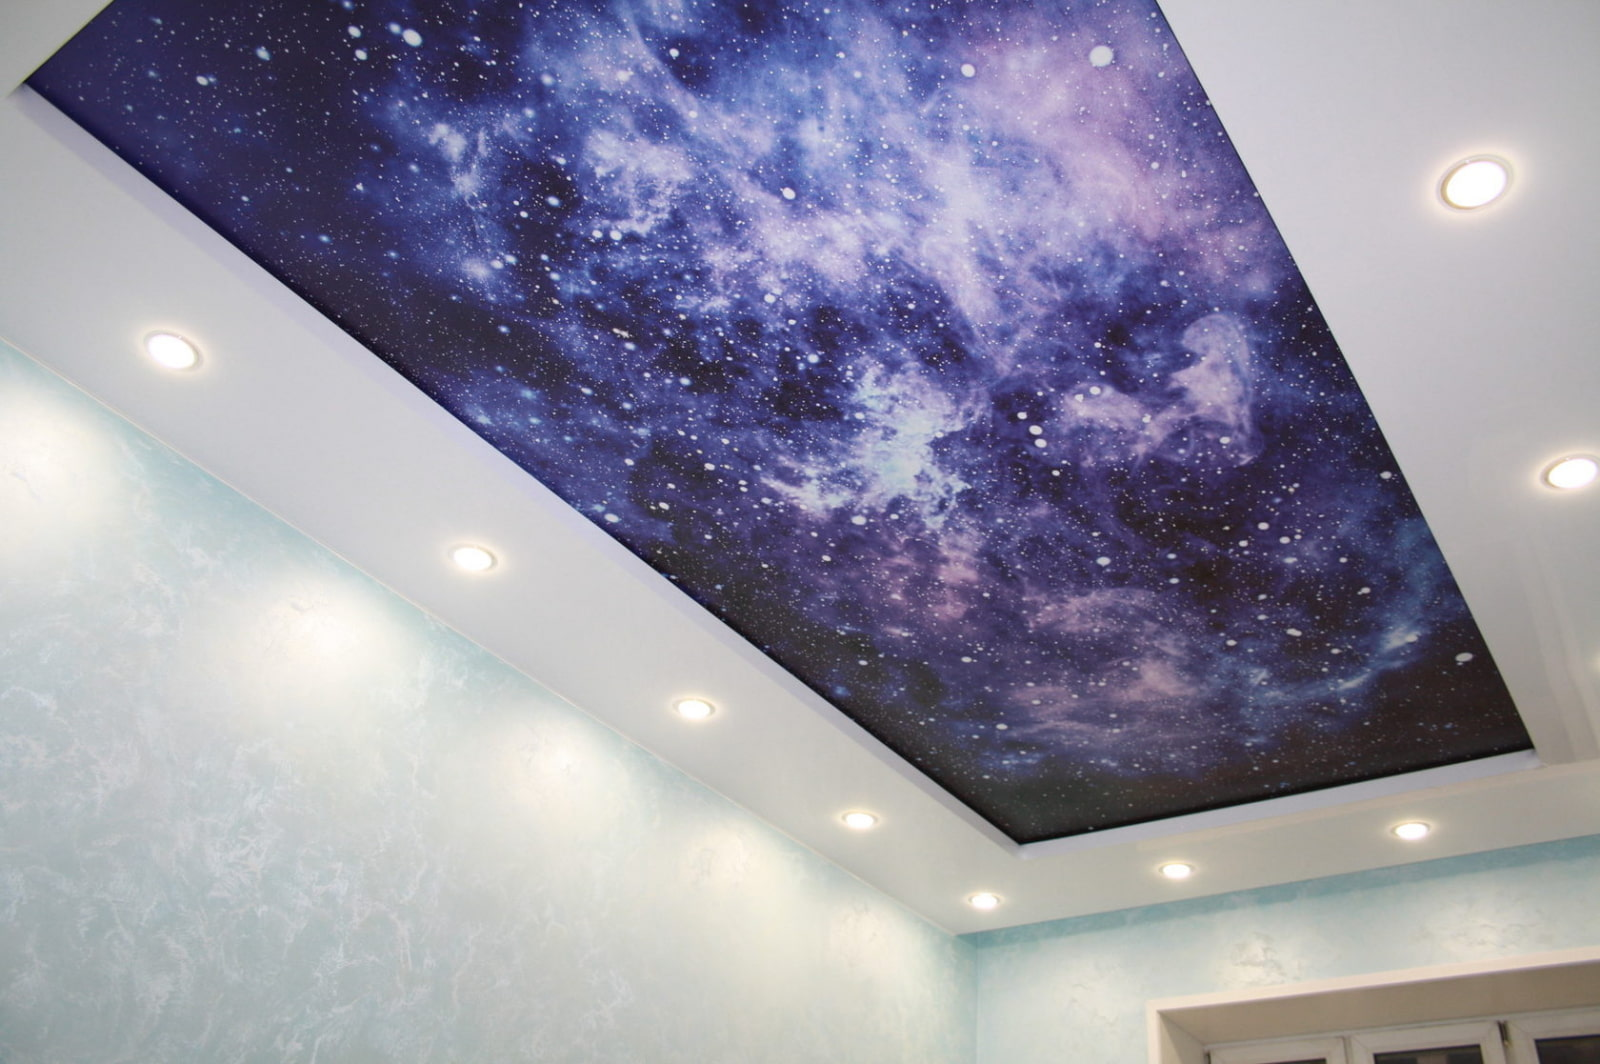 того потолок в зале сиренево розовое звездное небо фото какой-то момент просто